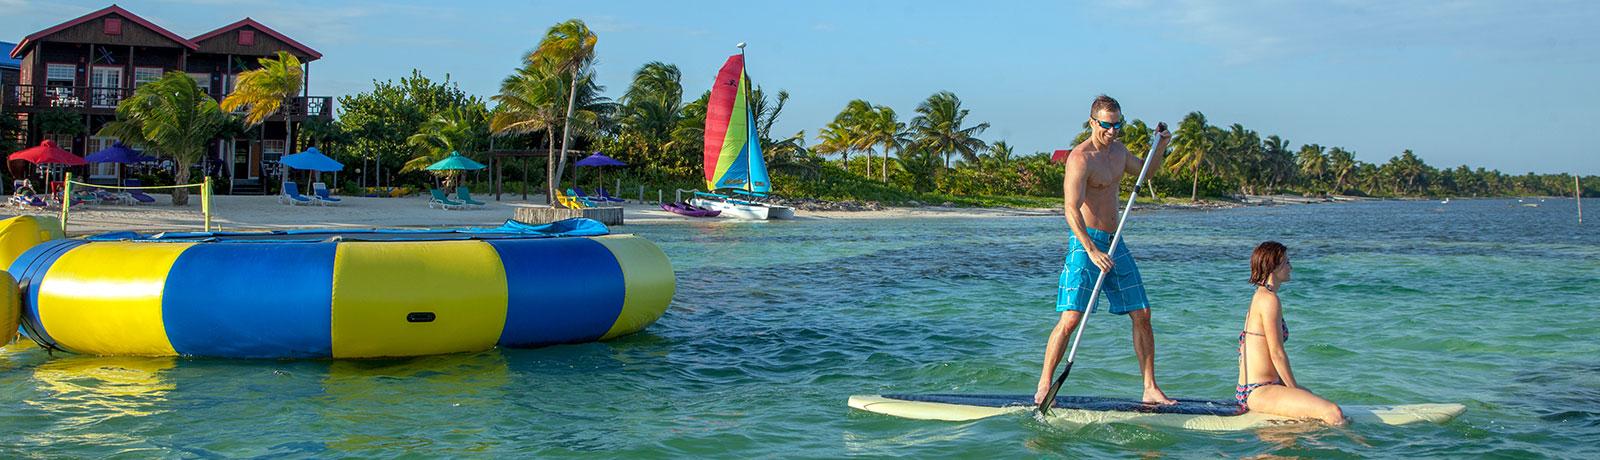 Paddle Board Fun at X'tan Ha Resort